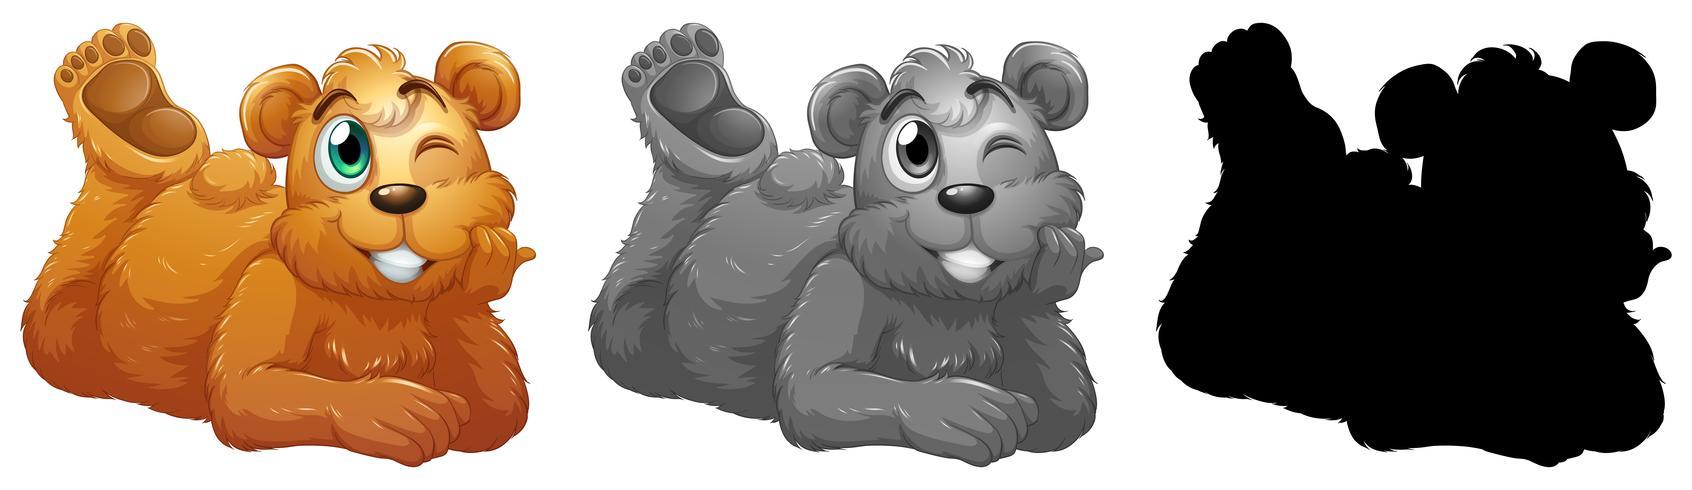 Ensemble de personnage d'ours